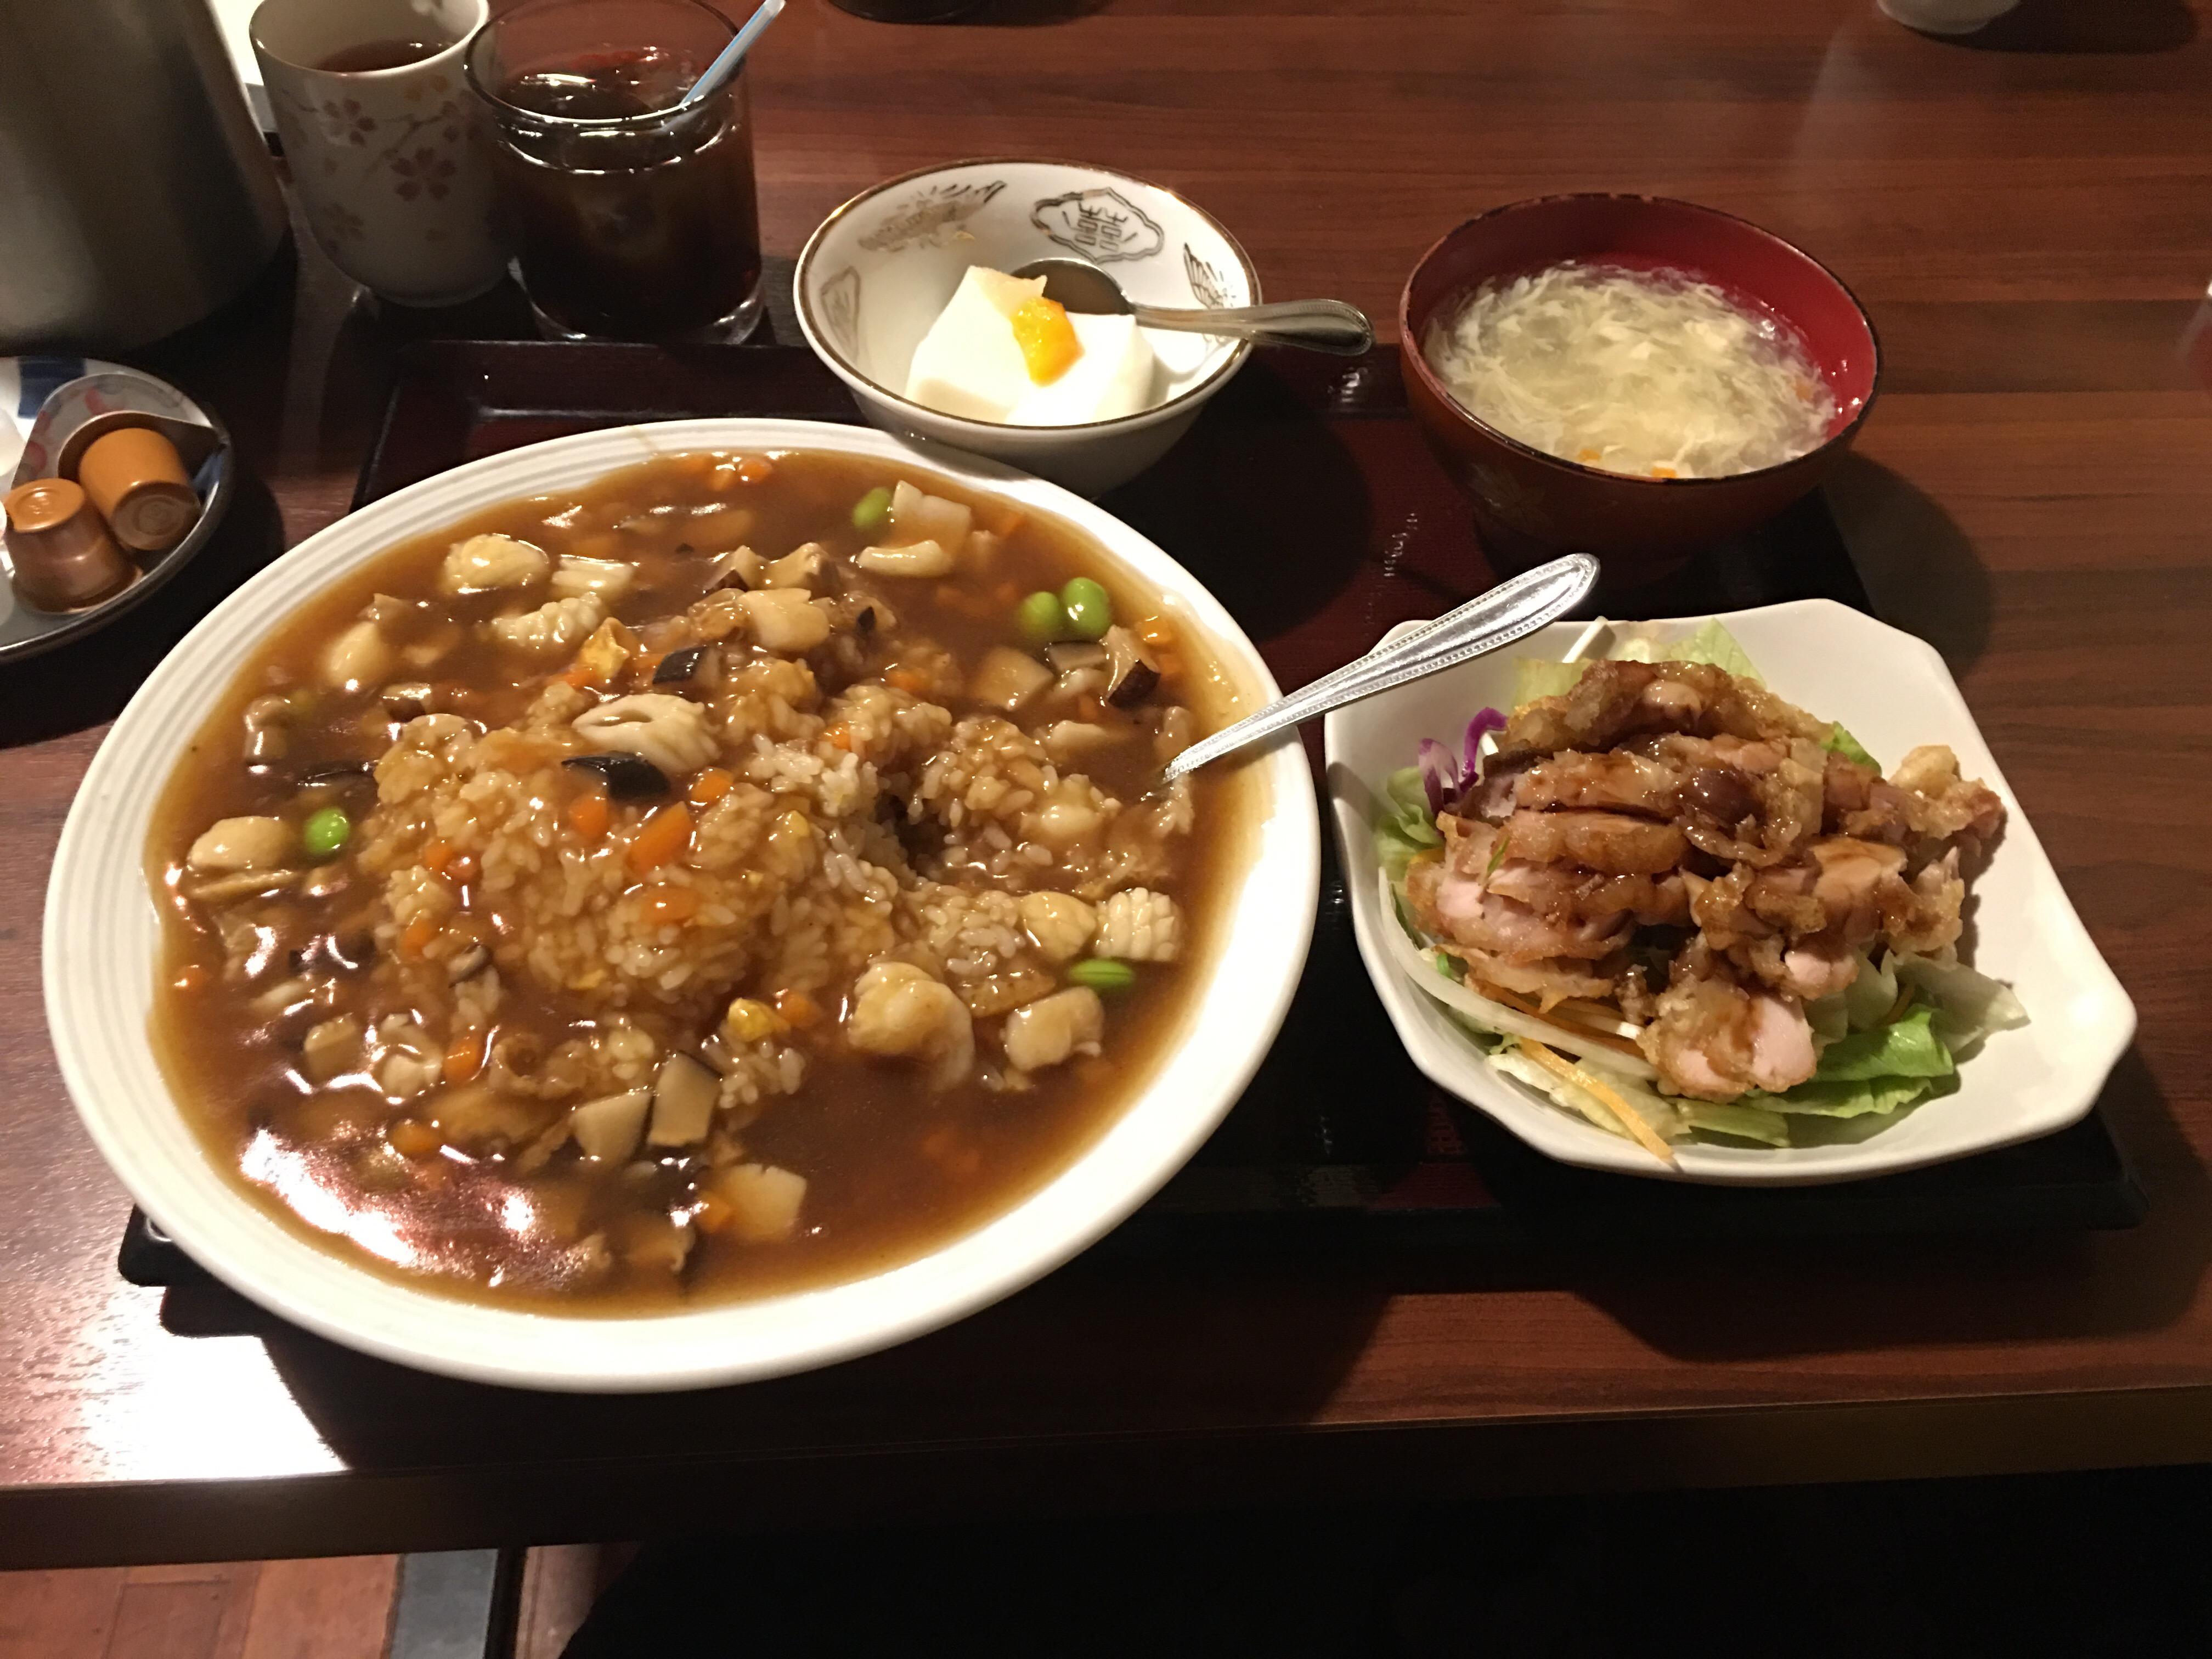 錦糸町で中華ランチ《龍馬》...やっぱり偉大だった。